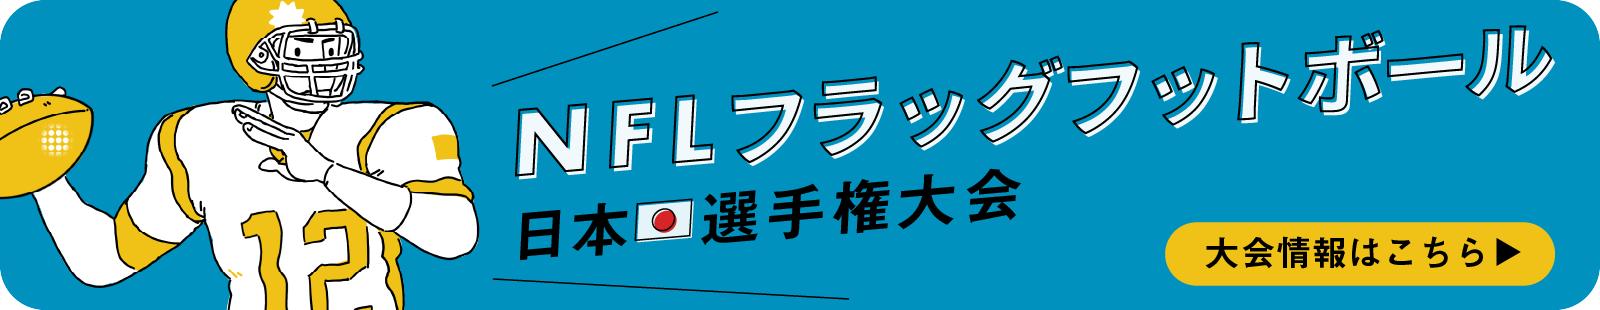 NFLフラッグフットボール日本選手権大会の情報はこちらをクリック